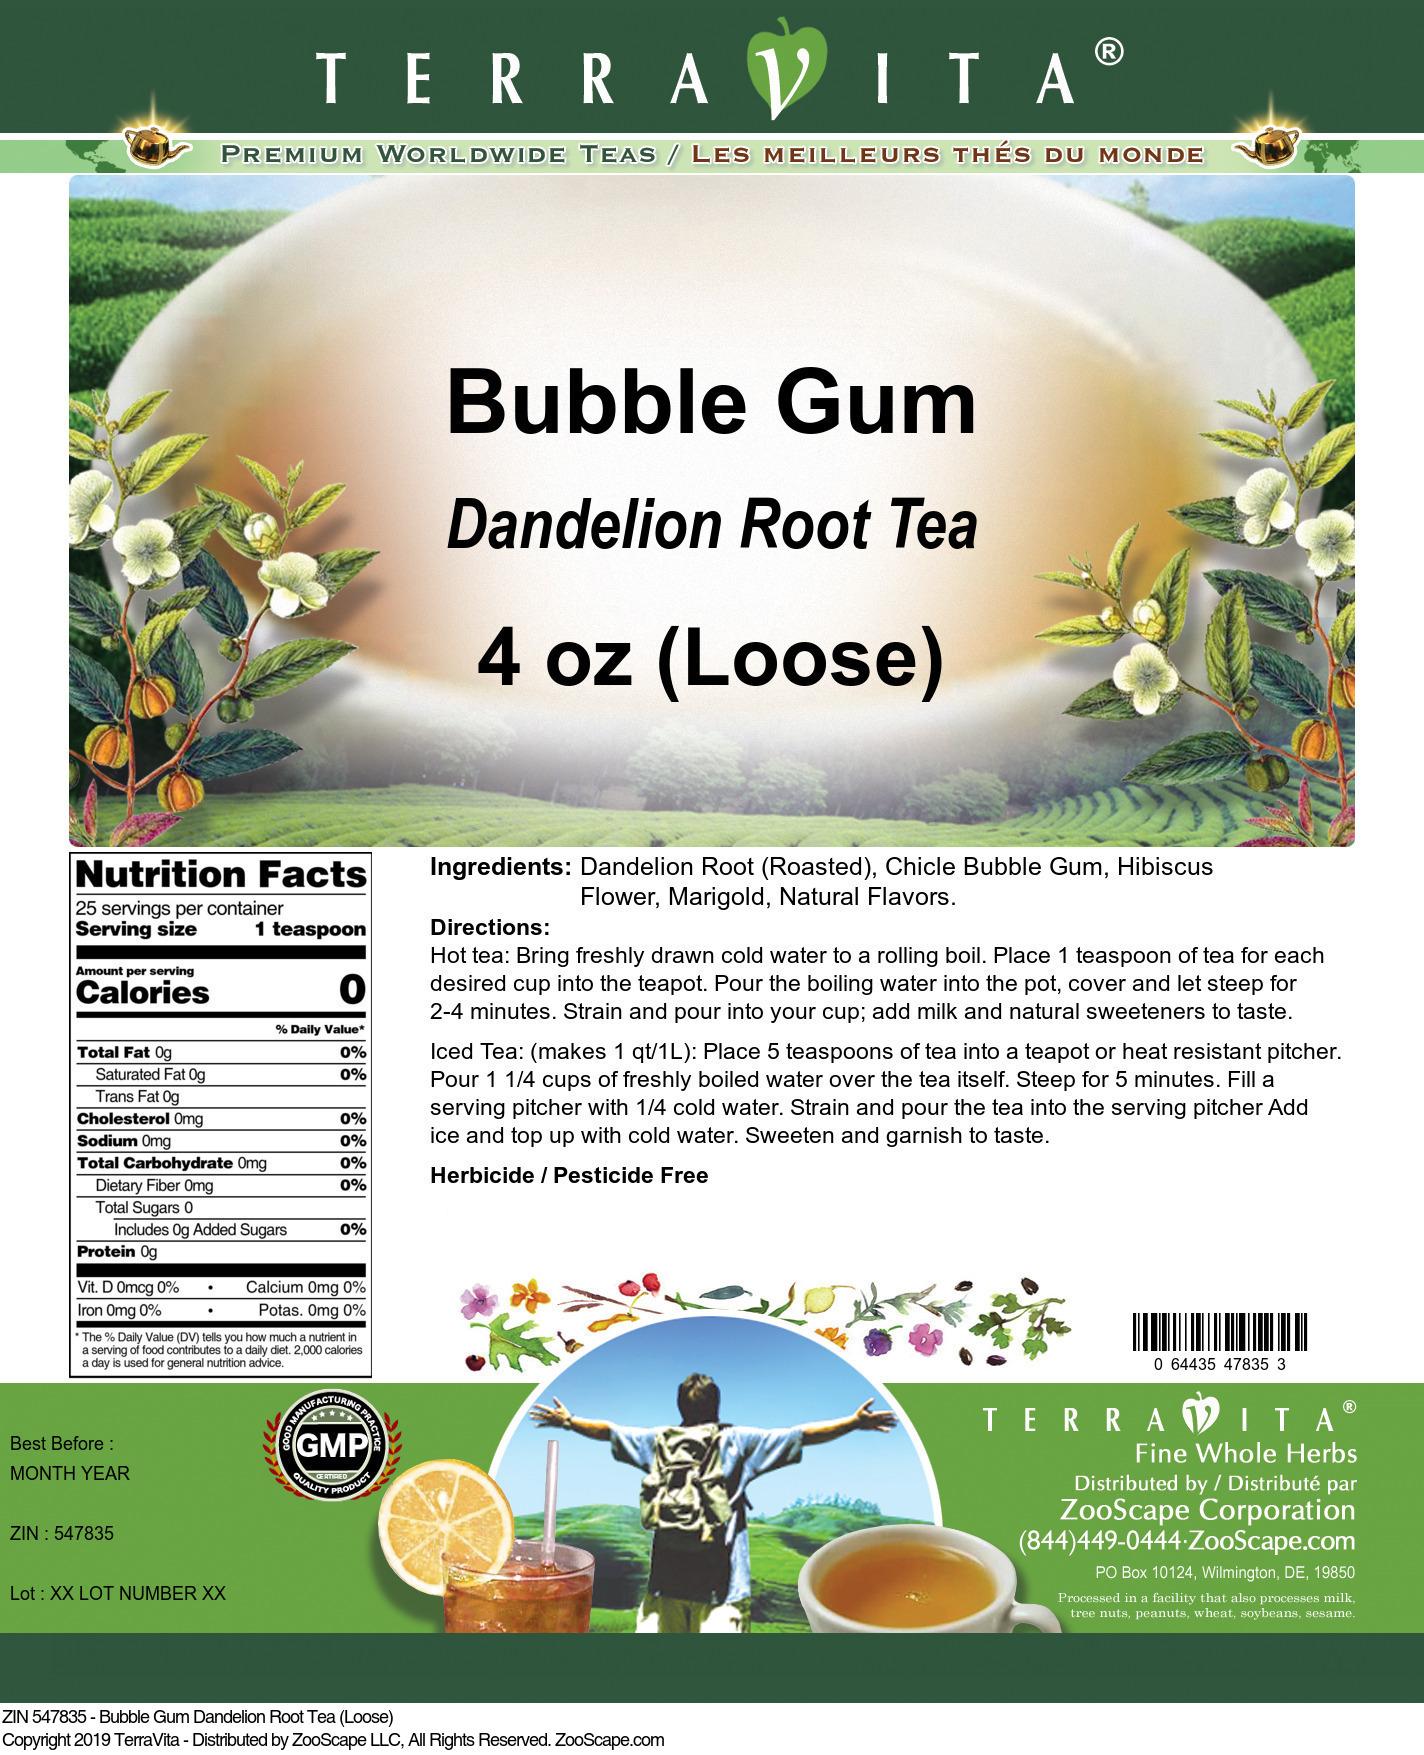 Bubble Gum Dandelion Root Tea (Loose)